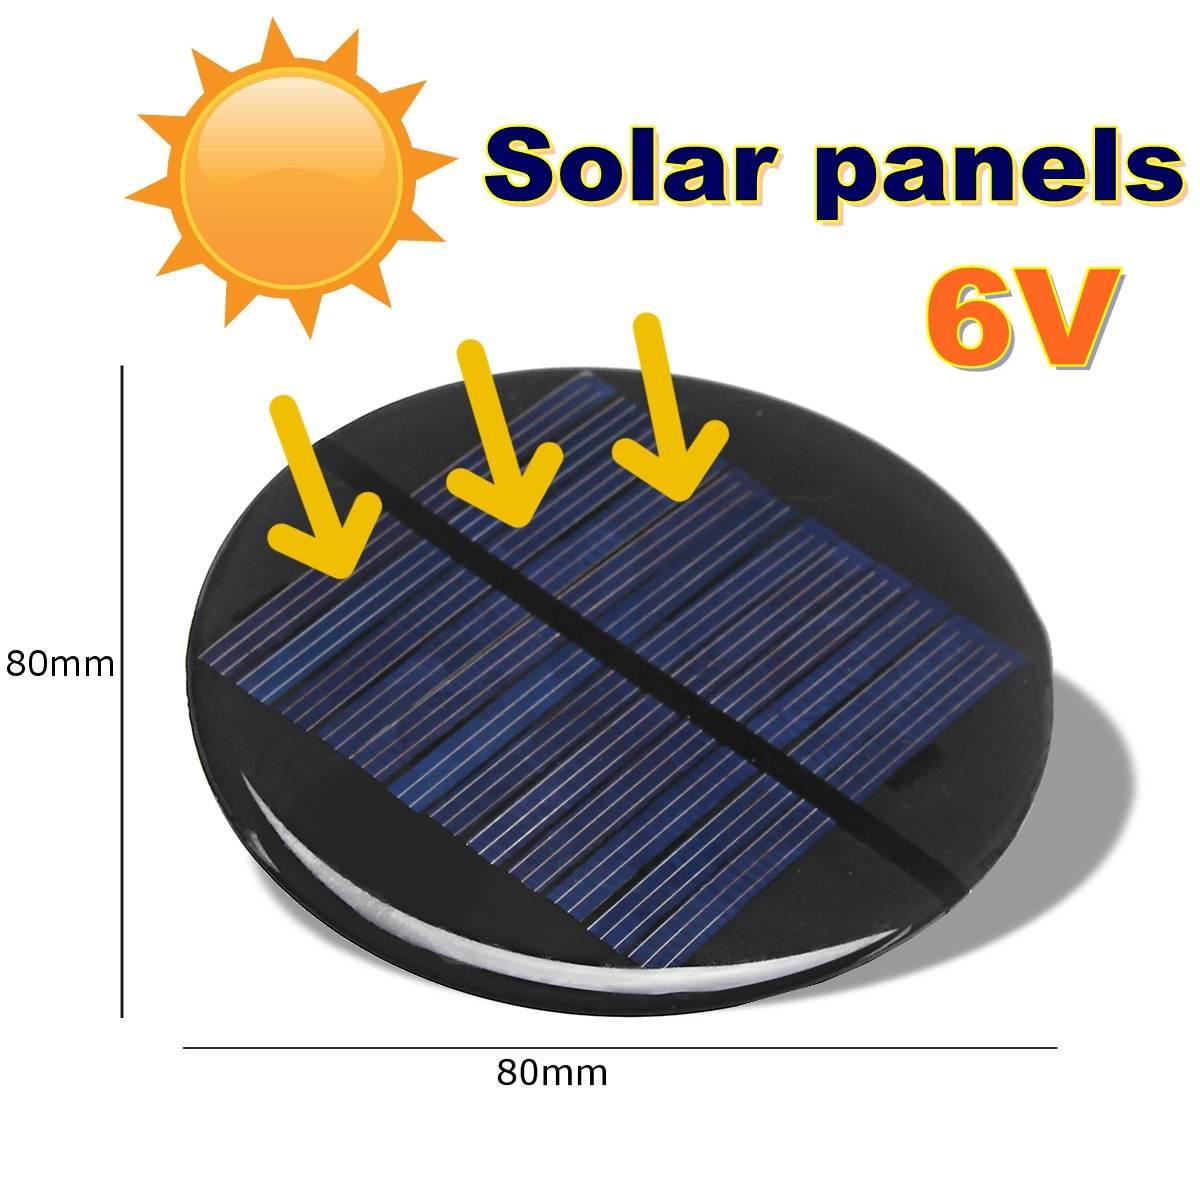 ソーラーパネル5.5V 70mA 80MMサークルラウンド多結晶シリコンDIYエポキシボードソーラーセルモジュールミニバッテリーパワーサークル